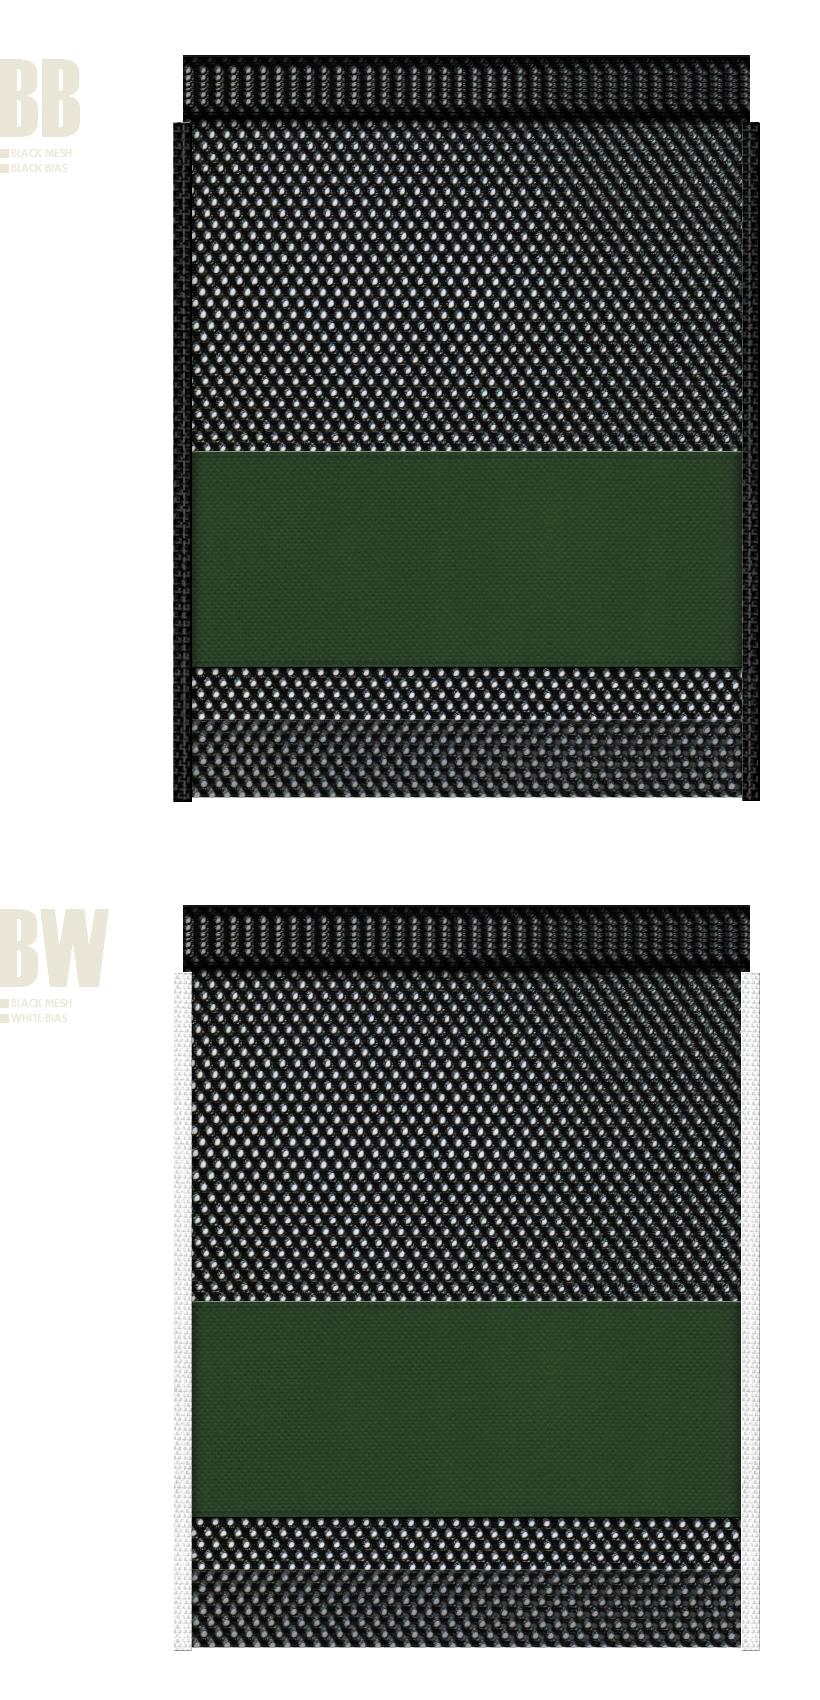 黒色メッシュと濃緑色不織布のメッシュバッグカラーシミュレーション:ジャングル・アニマル・恐竜・キャンプ用品・アウトドア用品のショッピングバッグにお奨め